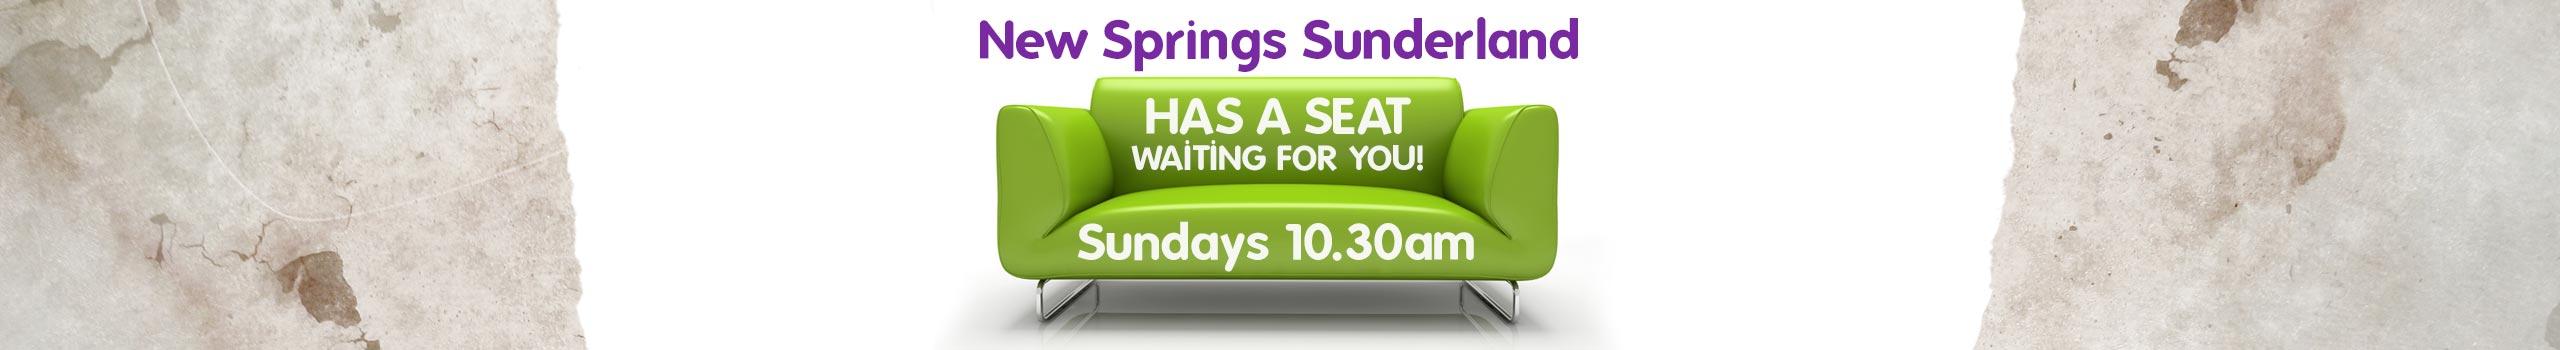 Sunderland Church New Springs